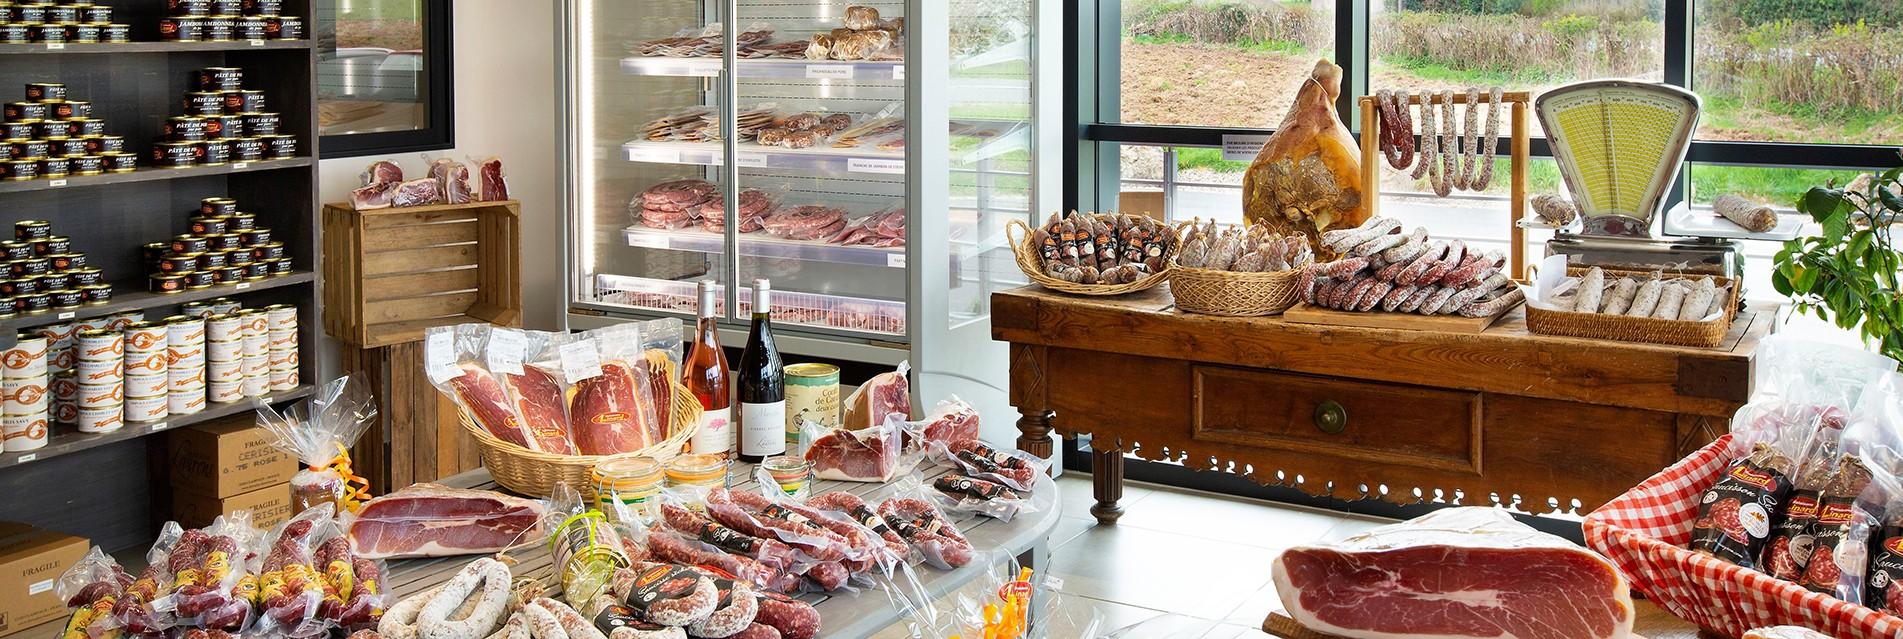 La boutique salaison LINARD, à Lanuéjouls en Aveyron